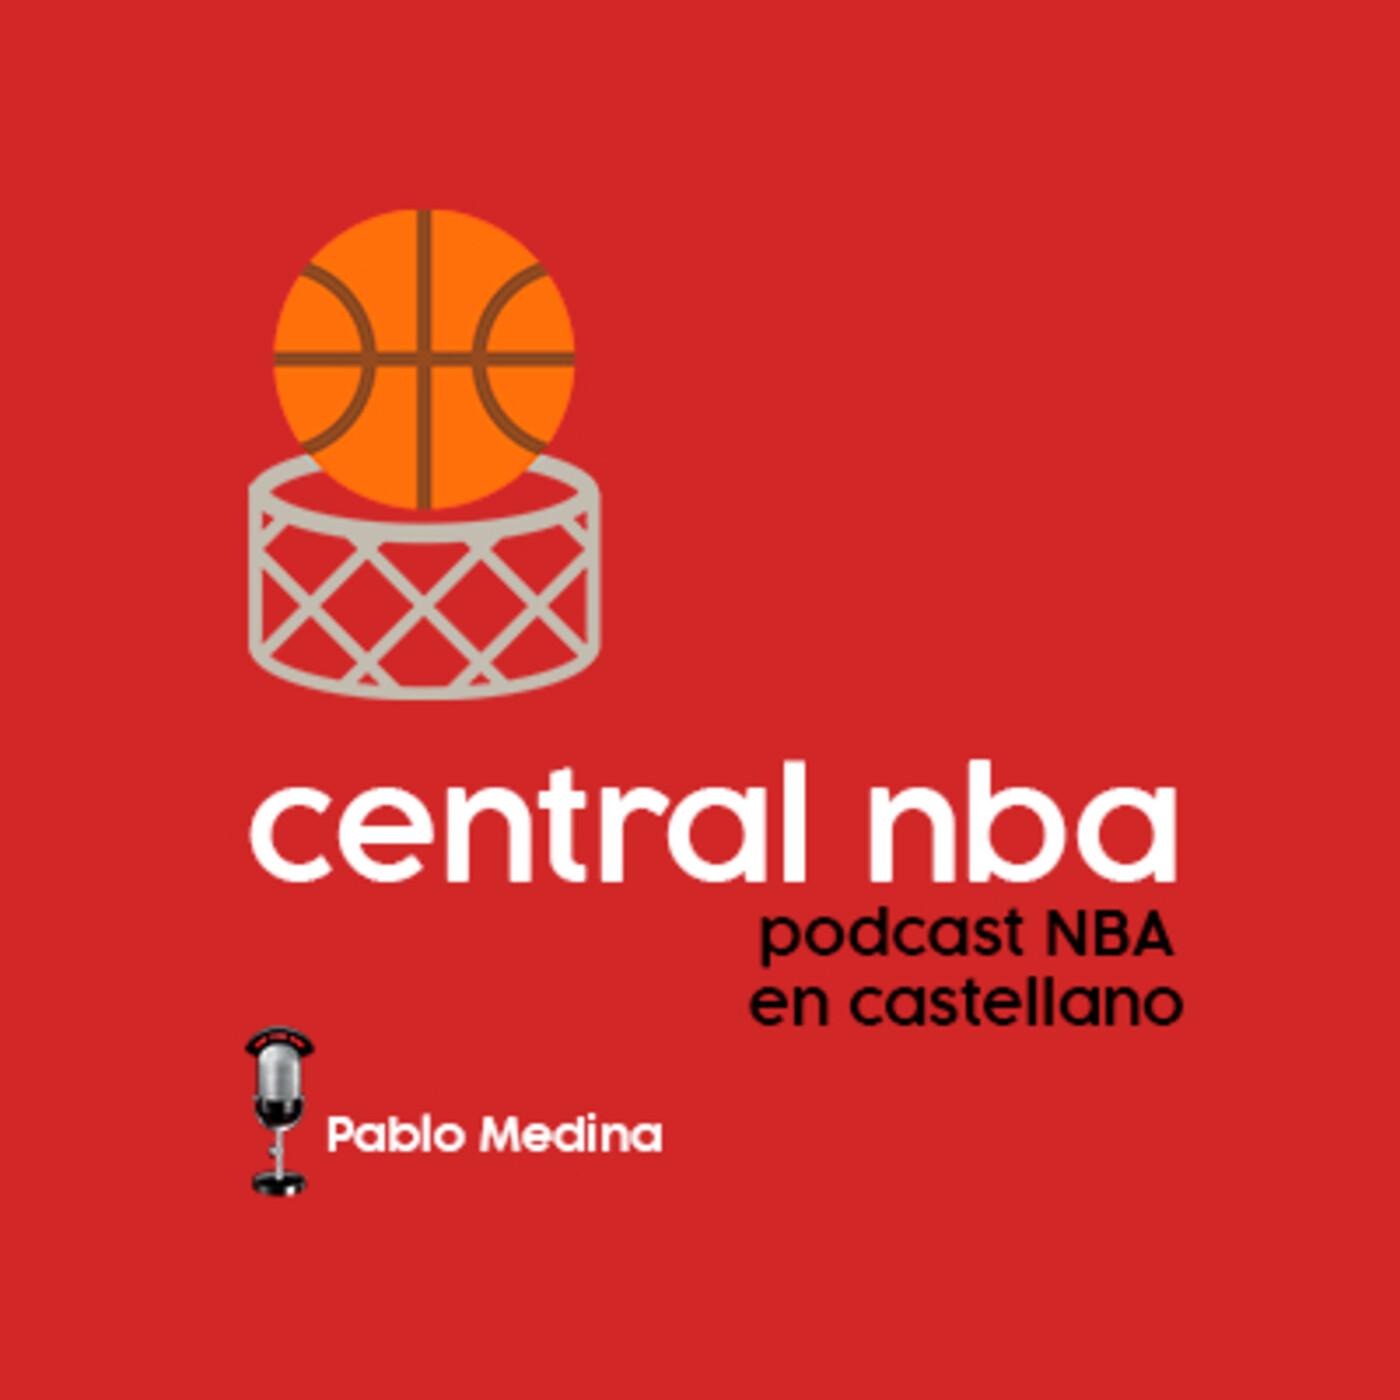 BOSTON CELTICS GANAN y APRIETAN LA SERIE TRAS VENCER A MIAMI HEAT Y PONEN EL (2-3)... - CENTRAL NBA #39 (26/09/2020)